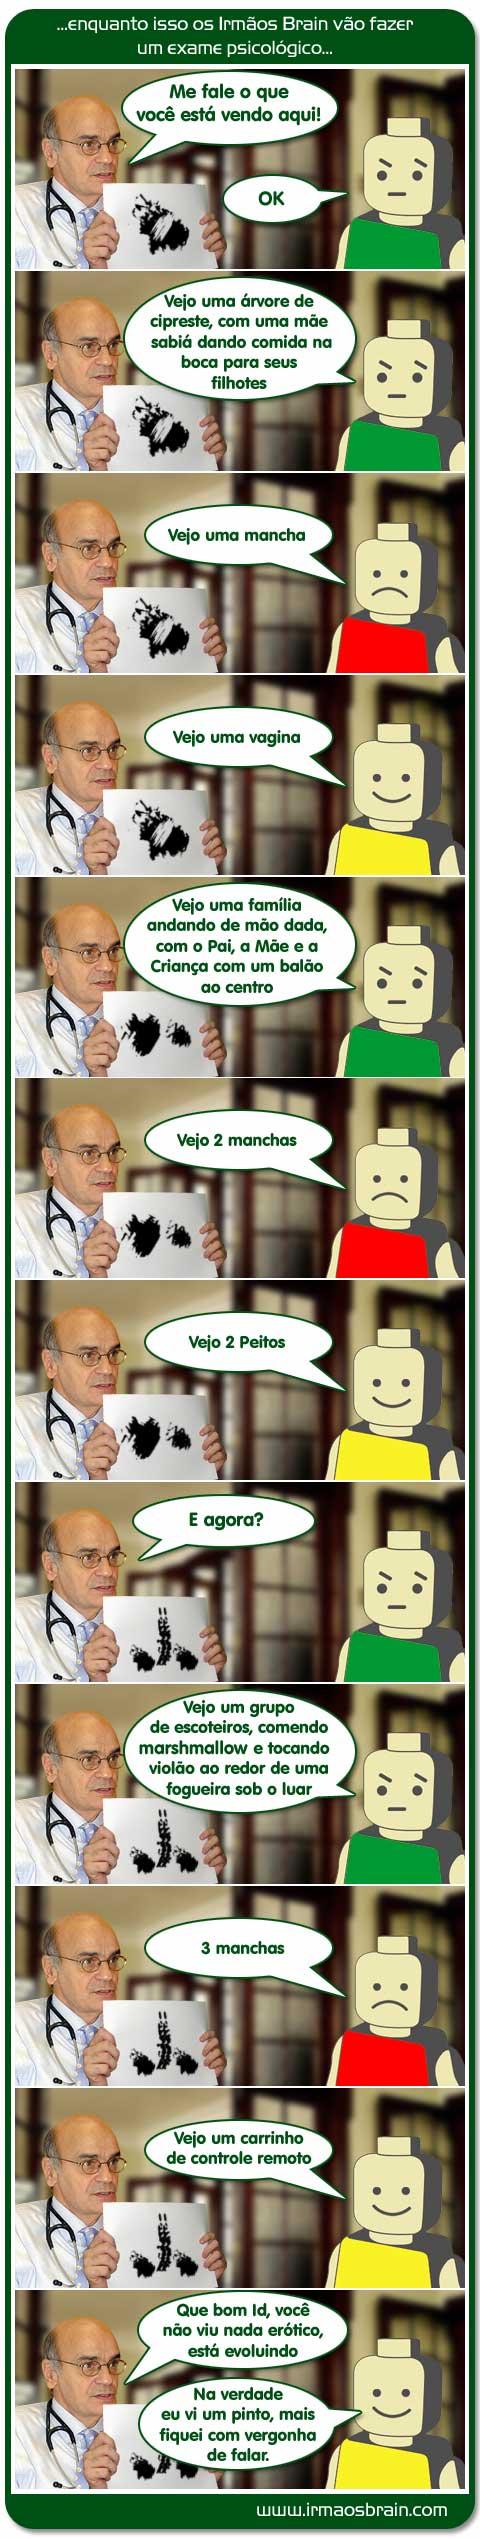 Dr. Drauzio Varella Exame Medico Irmaos Brain Psicologico